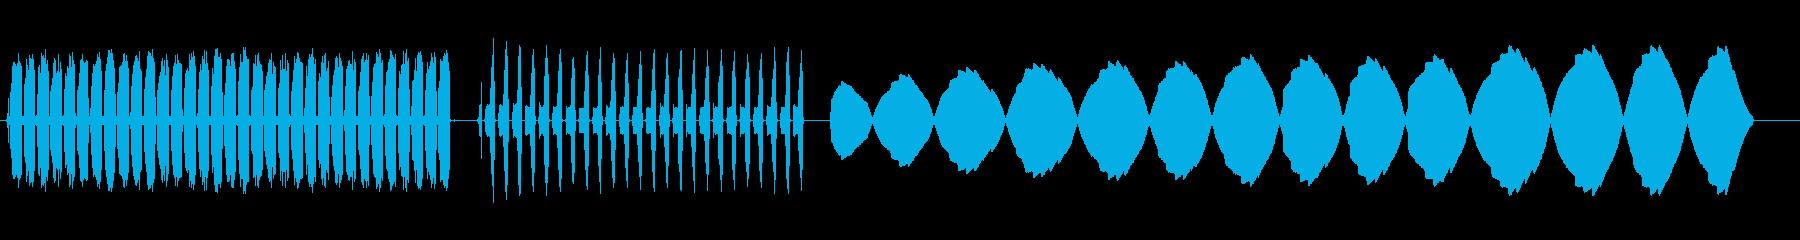 アーケード、ビープ音、爆発:3種類...の再生済みの波形